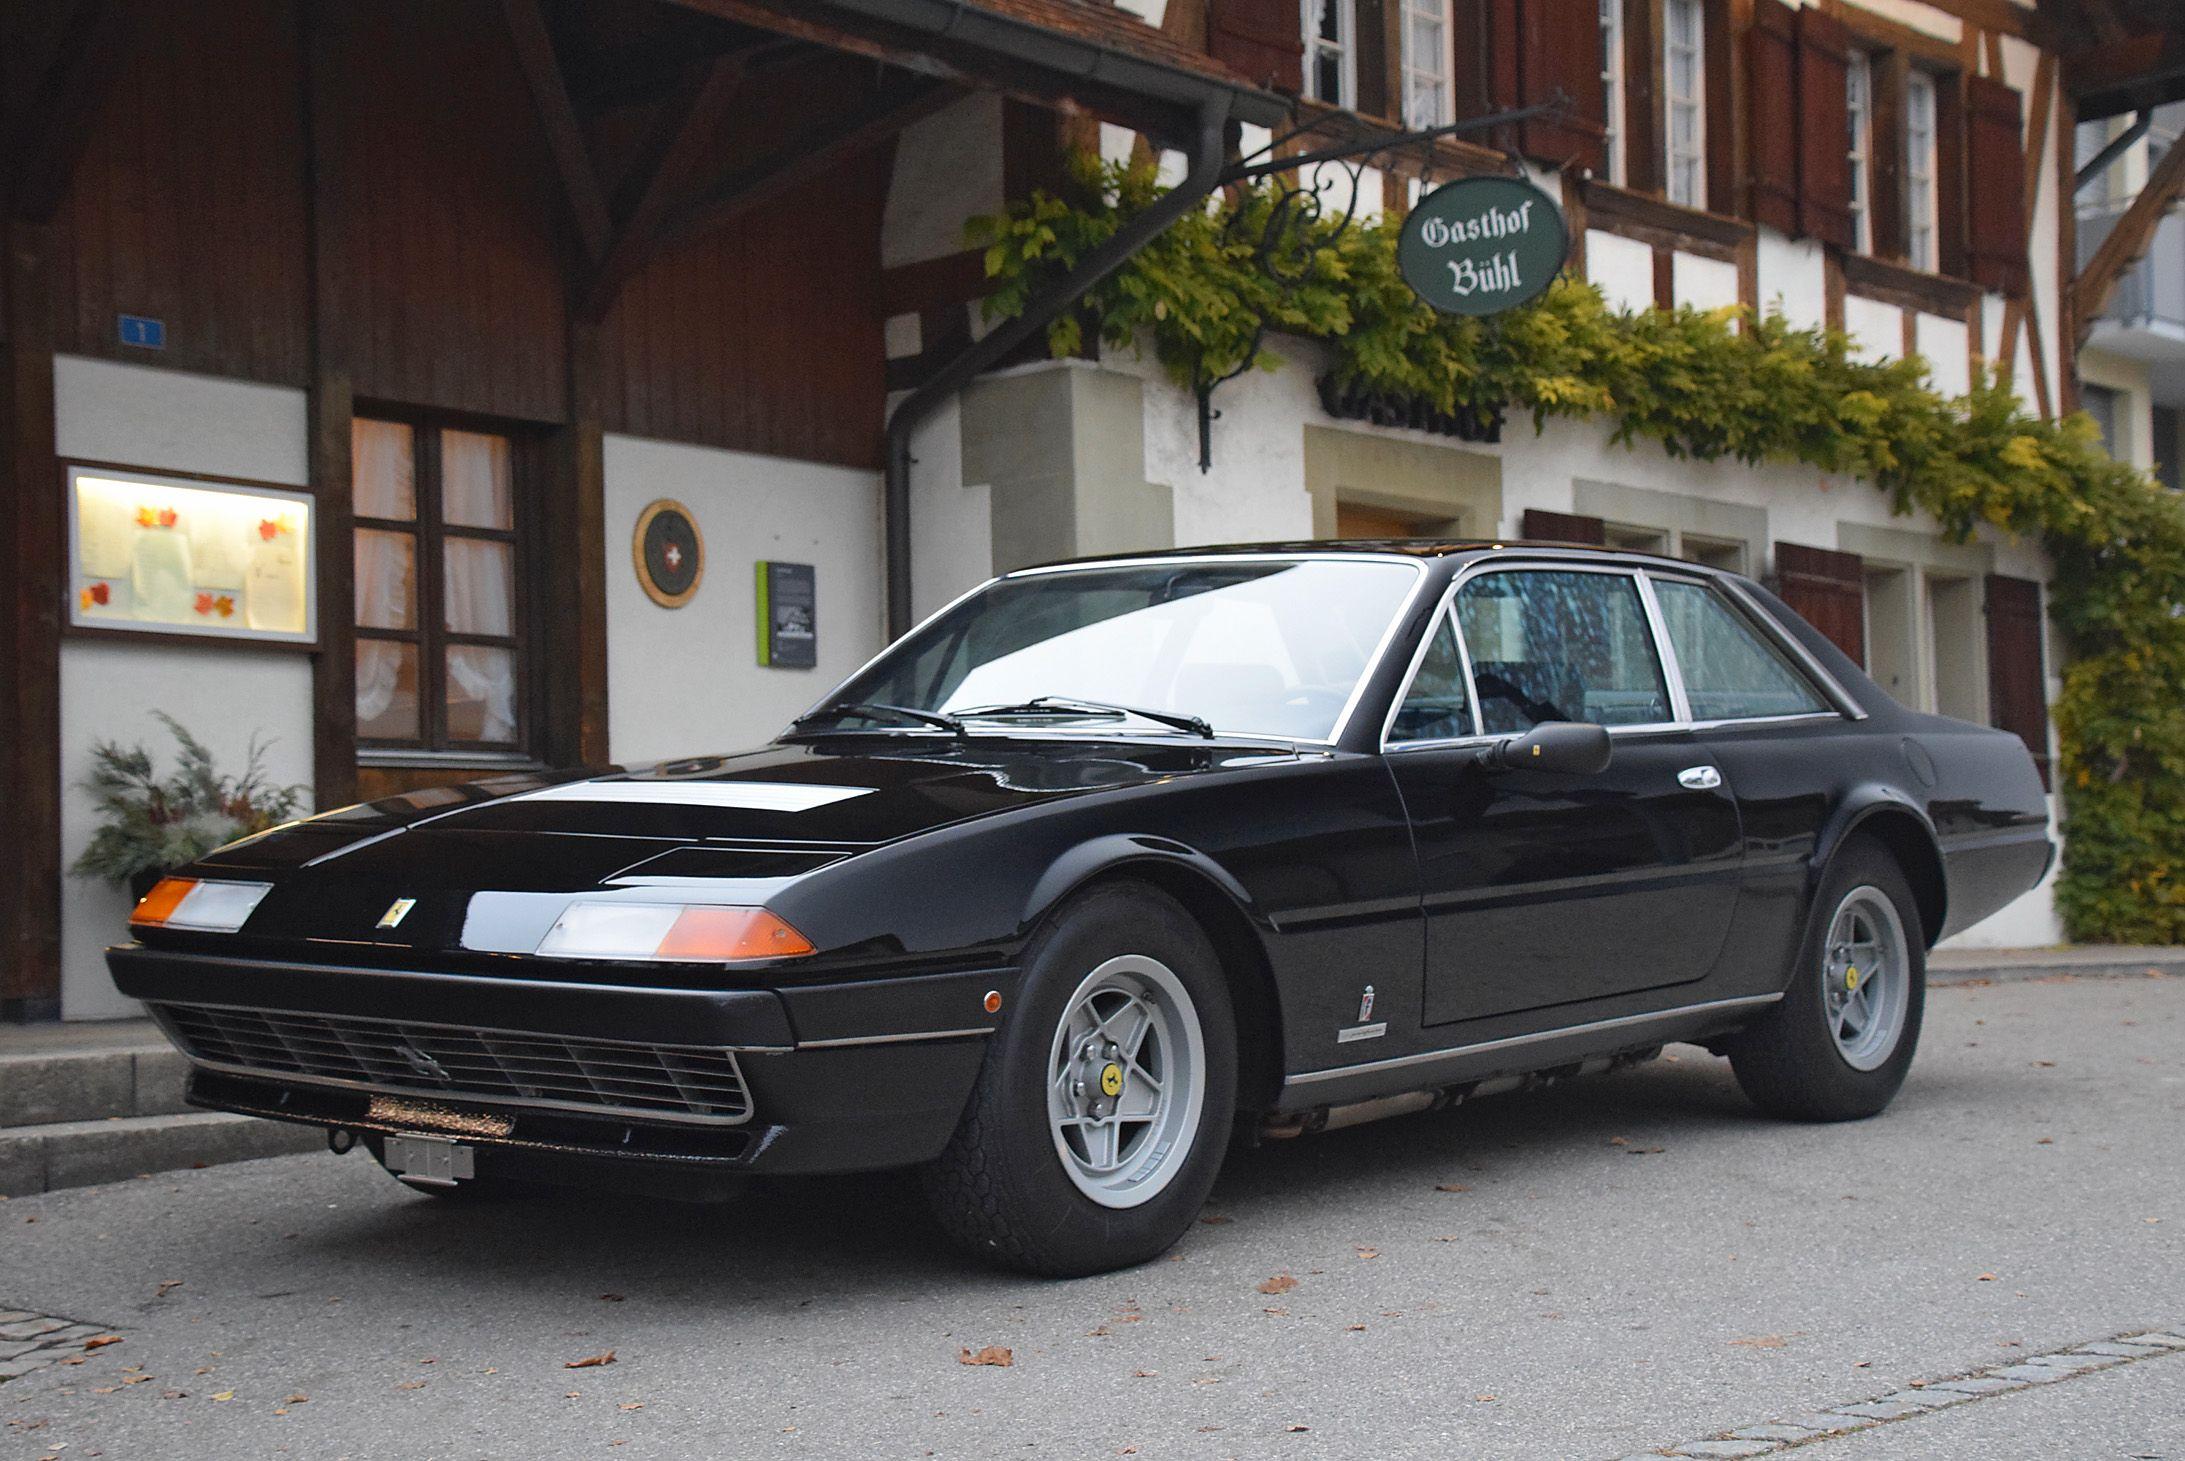 Ferrari 400 Gt 1979 Auktionen Preisarchiv